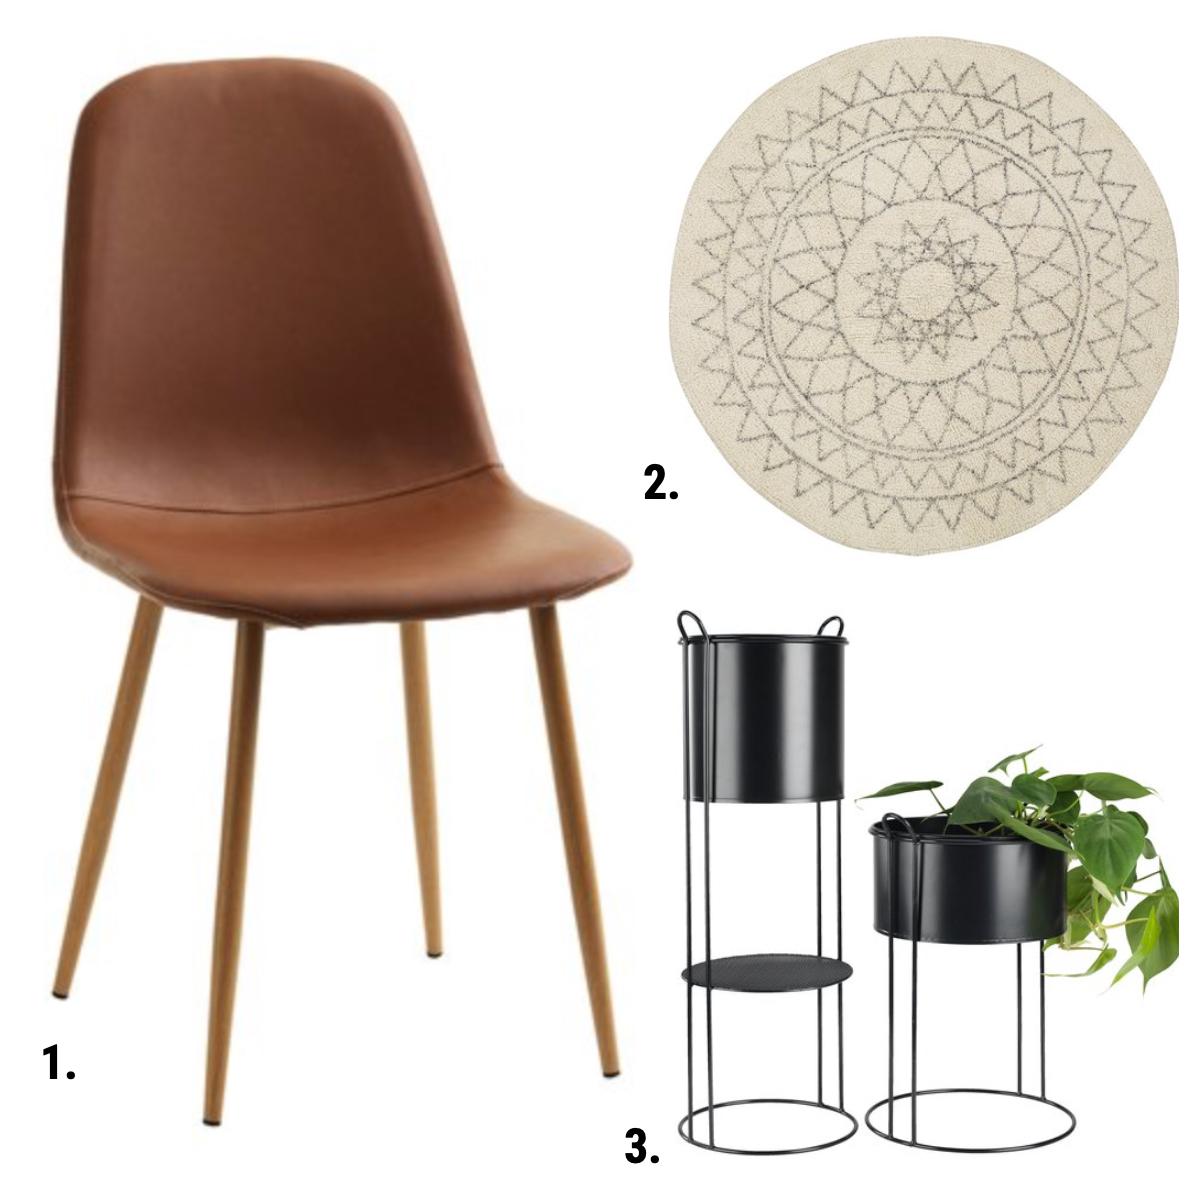 jysk virum musta sivupöytä - jonstrup tuoli ruskea nahka